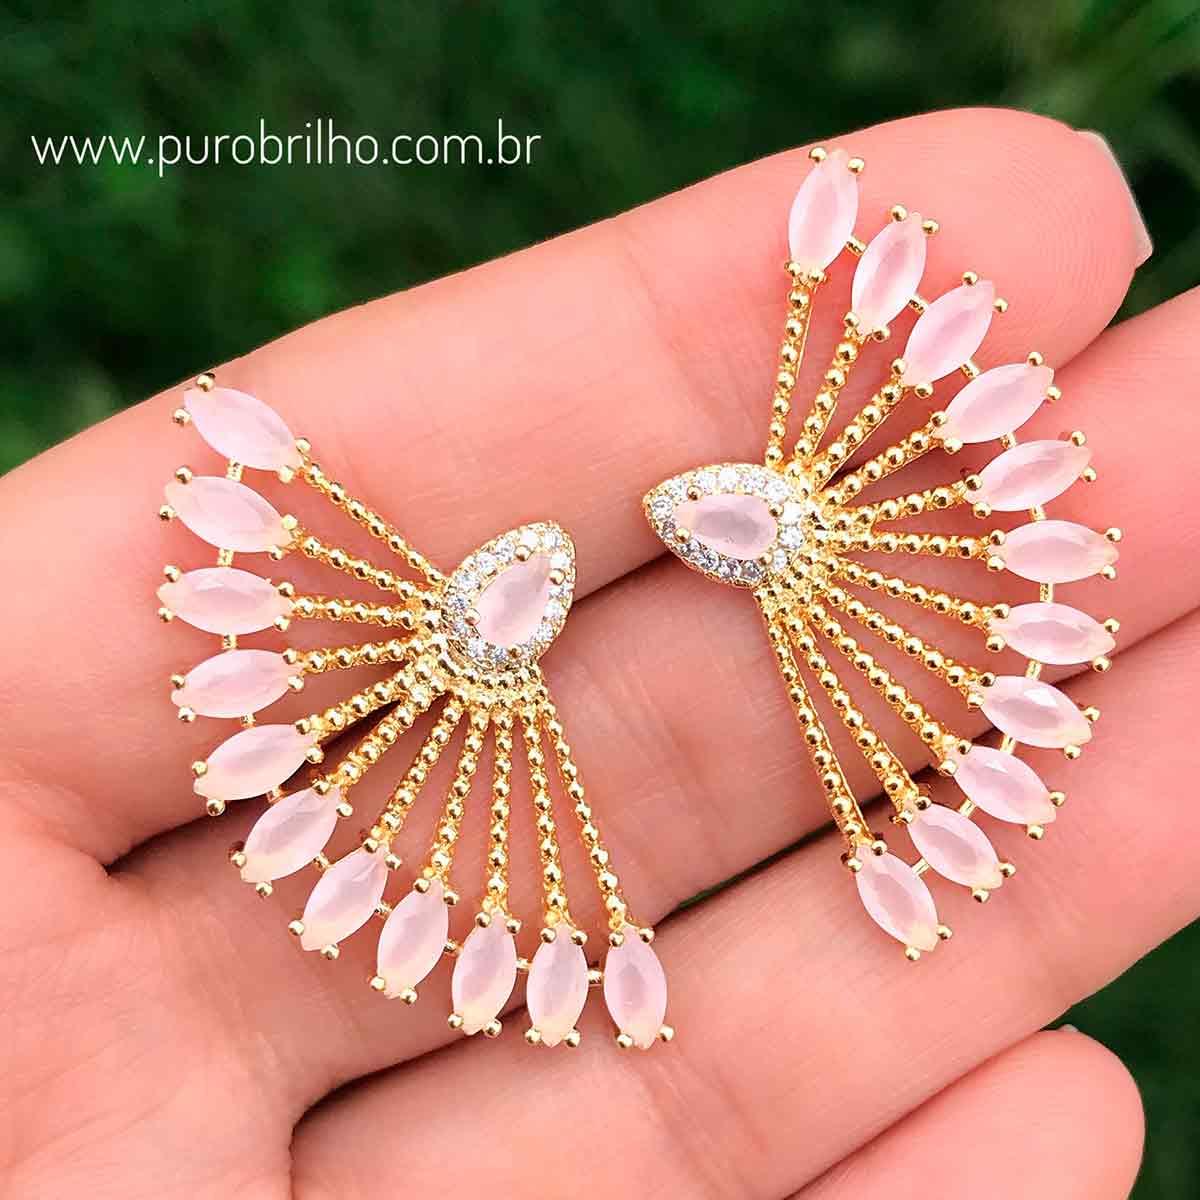 Brinco Semijoia Palitos Cravejados com Cristal Rosa Claro Leitoso Folheado a Ouro 18K